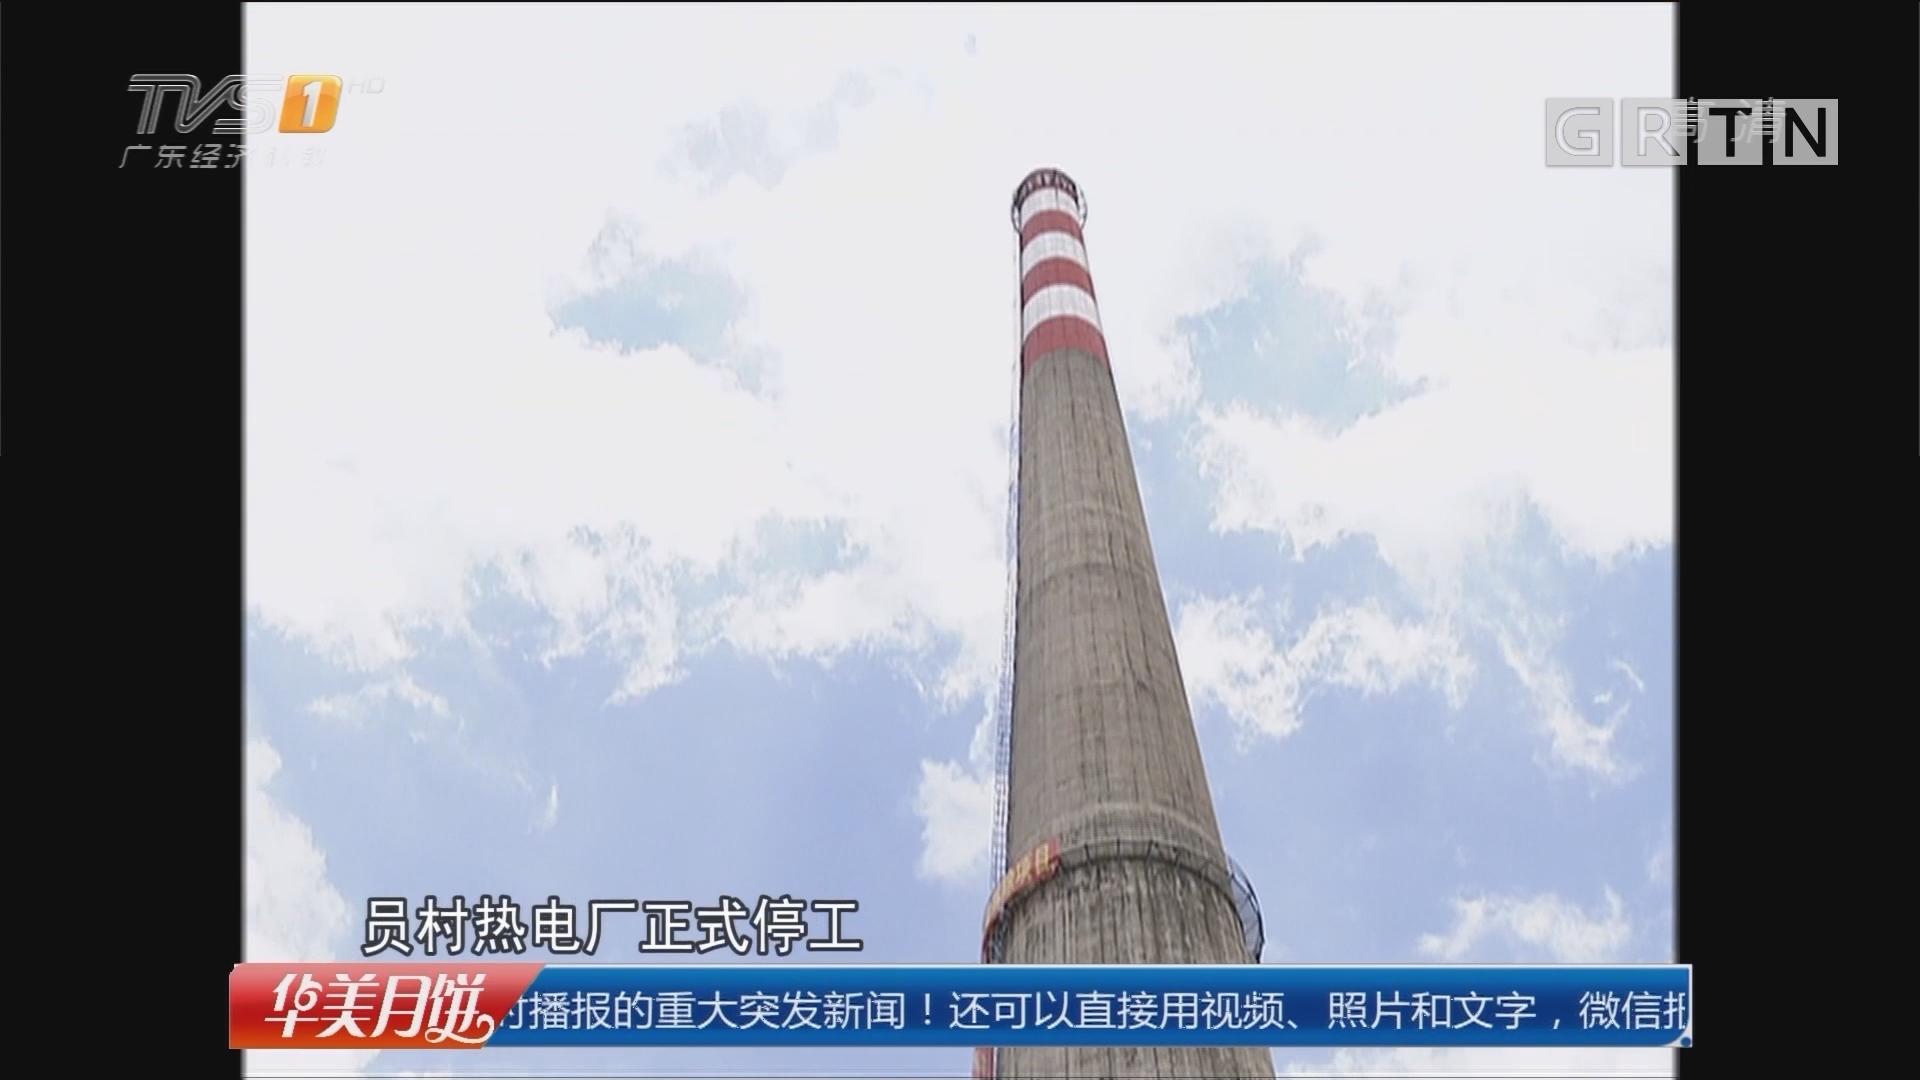 广州:热电厂180米烟囱明天爆破拆除